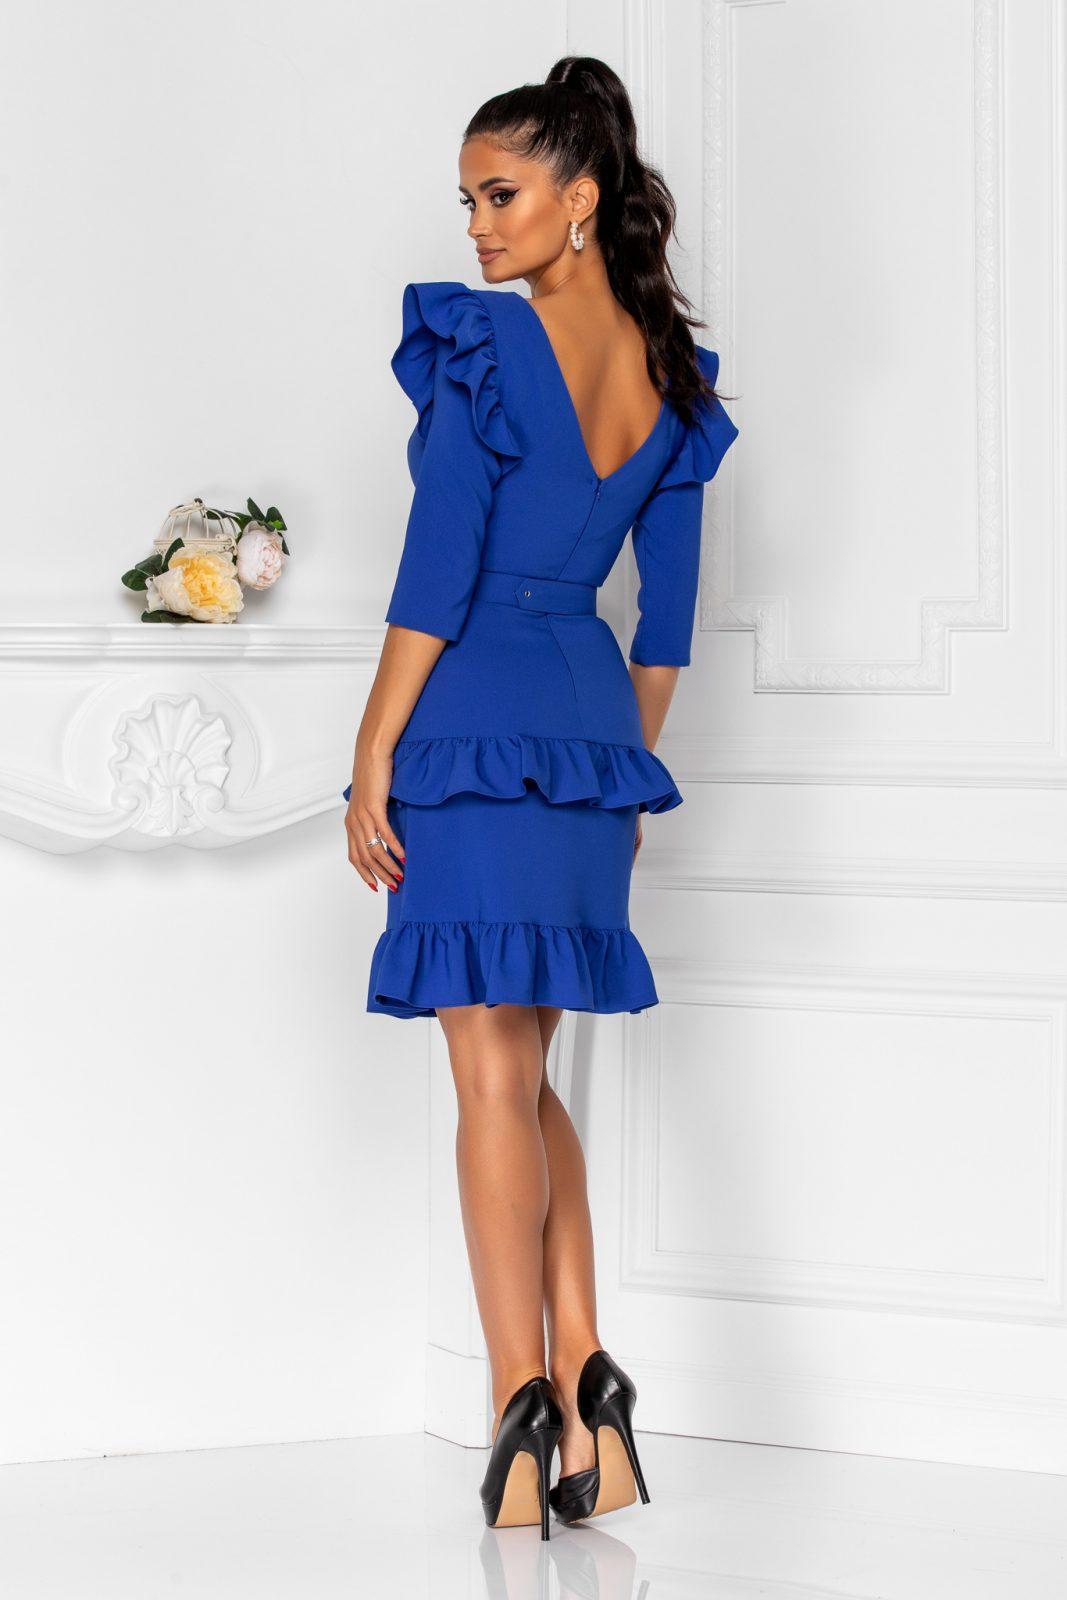 Μπλε Φόρεμα Με Βολάν Joleen 8362 1